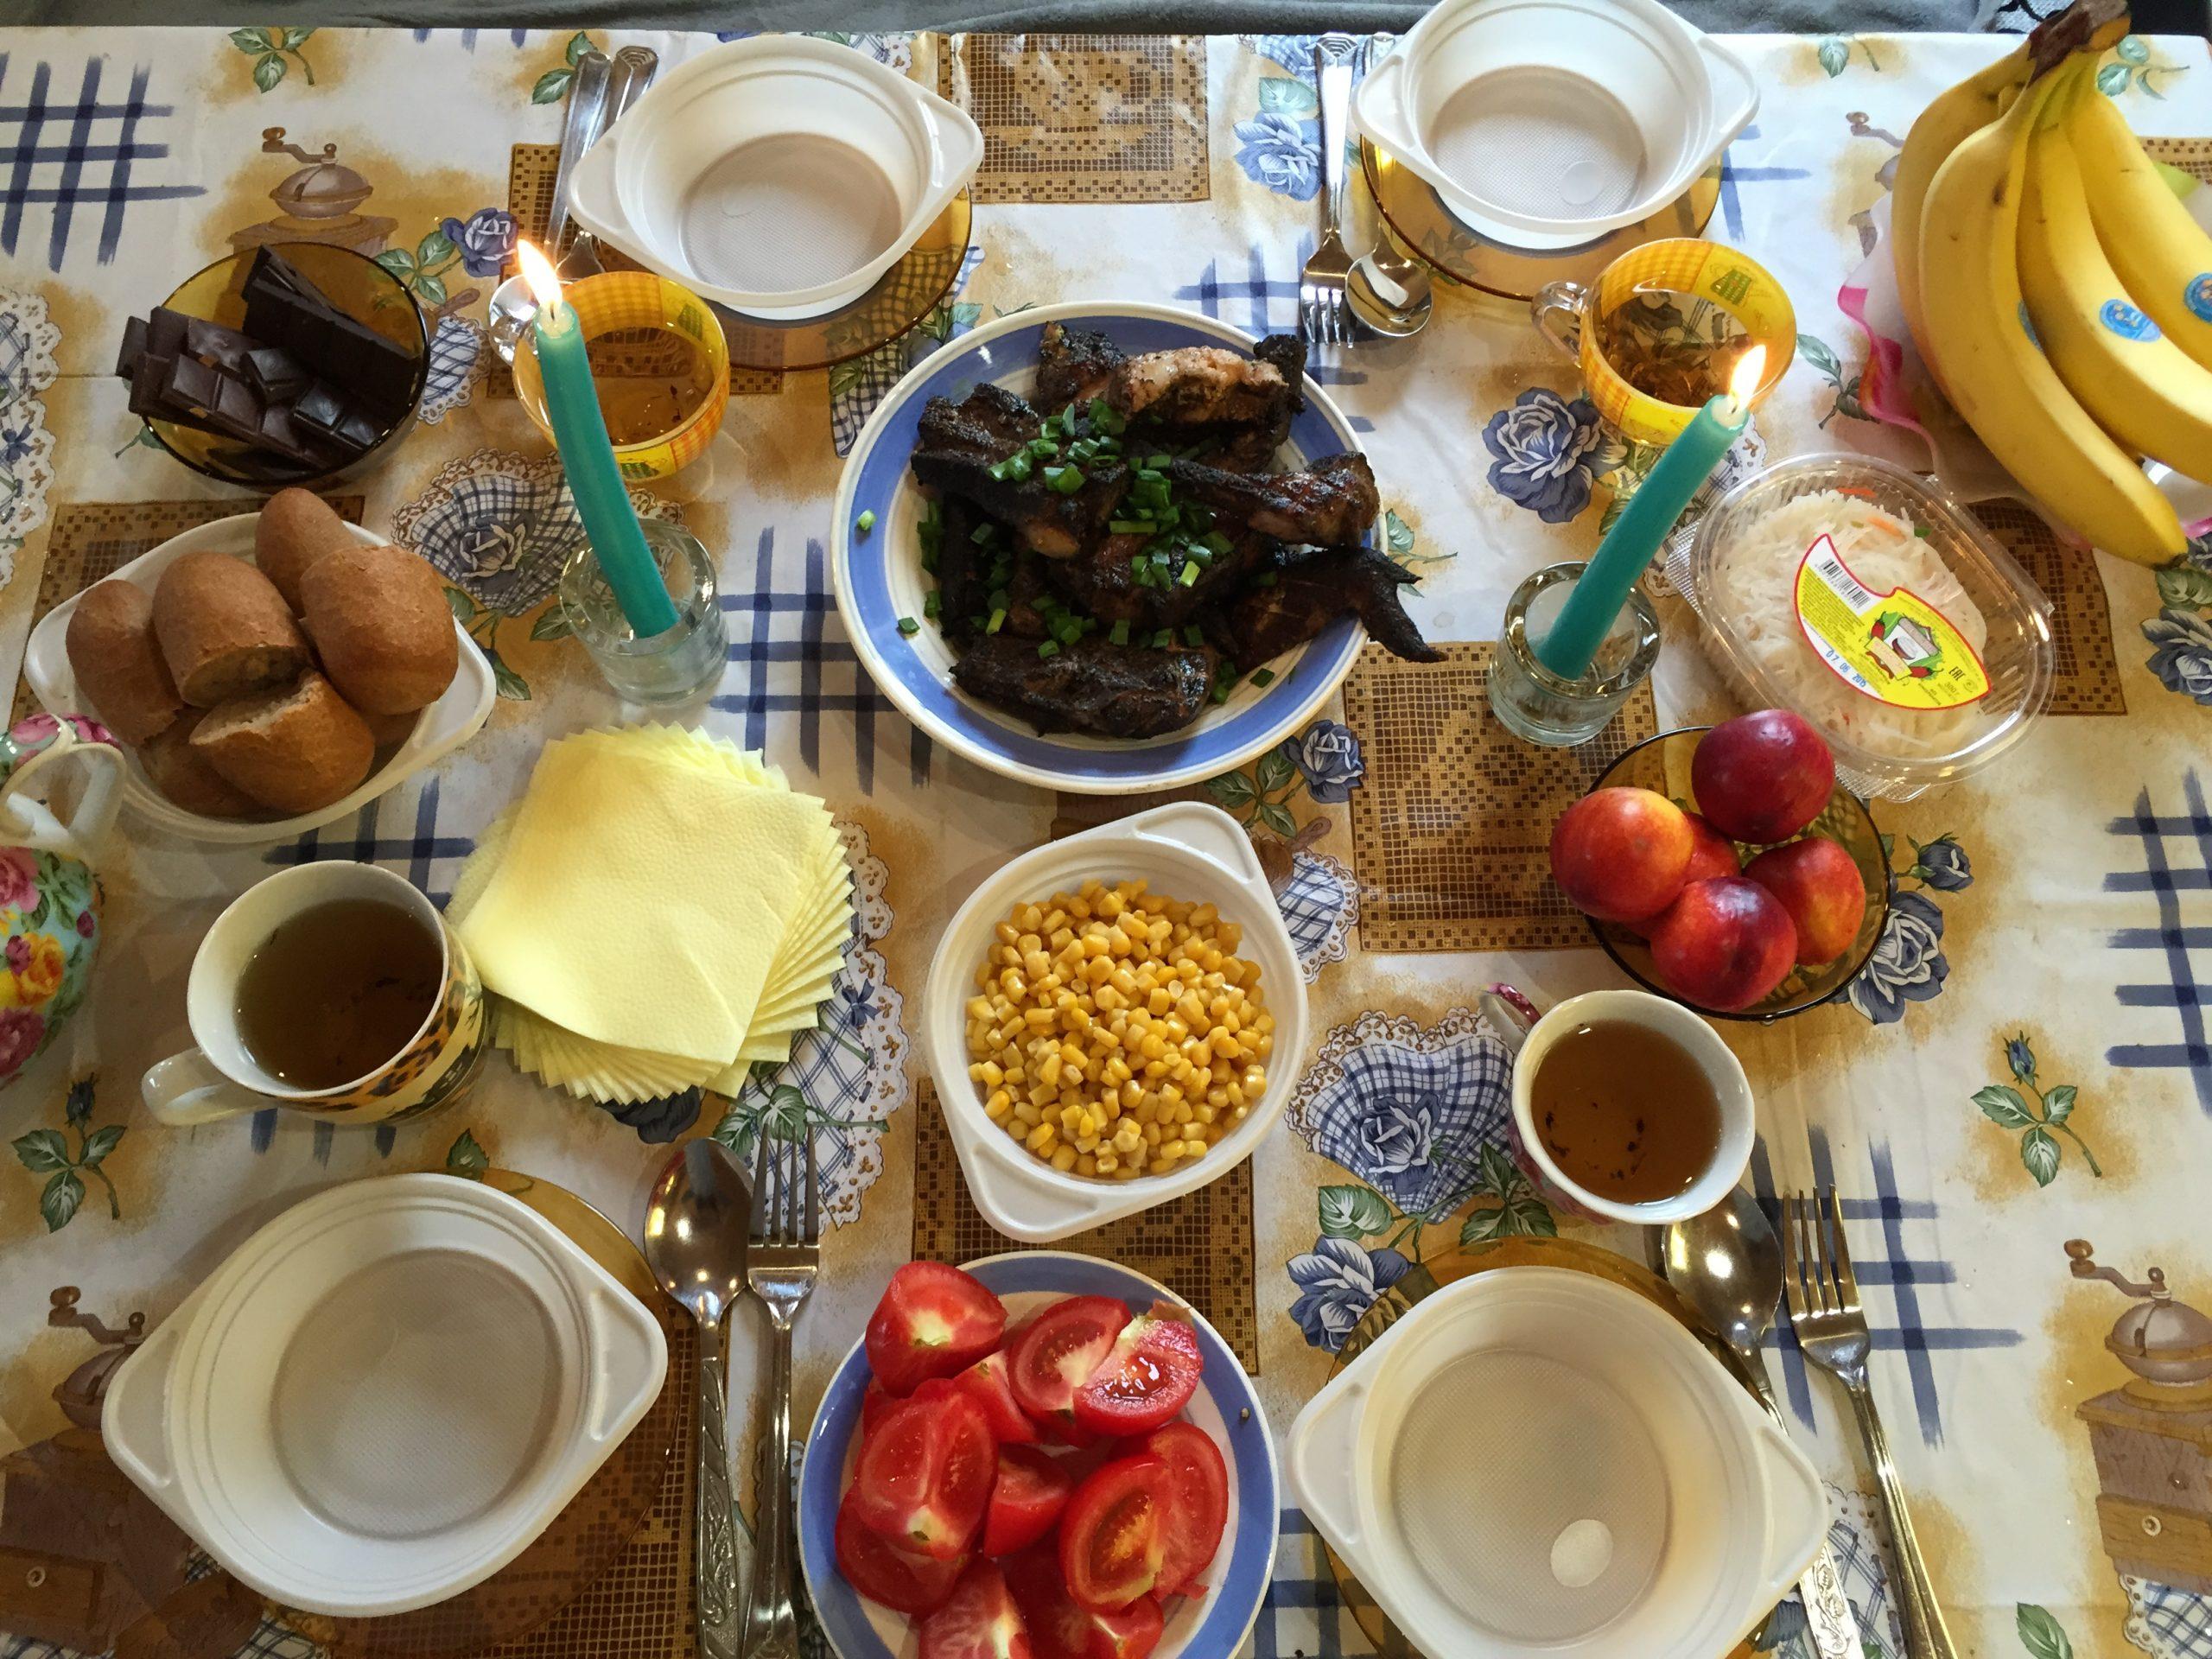 这是我和Denis在2015年聚餐时拍的,这就是俄罗斯普通家庭在乡下午饭的主食,里面包括有玉米罐头、西红柿、烤肉、各种植物的花茶(自己院子采集的茶草,稍微晒干就可以存着,没事取点喝)